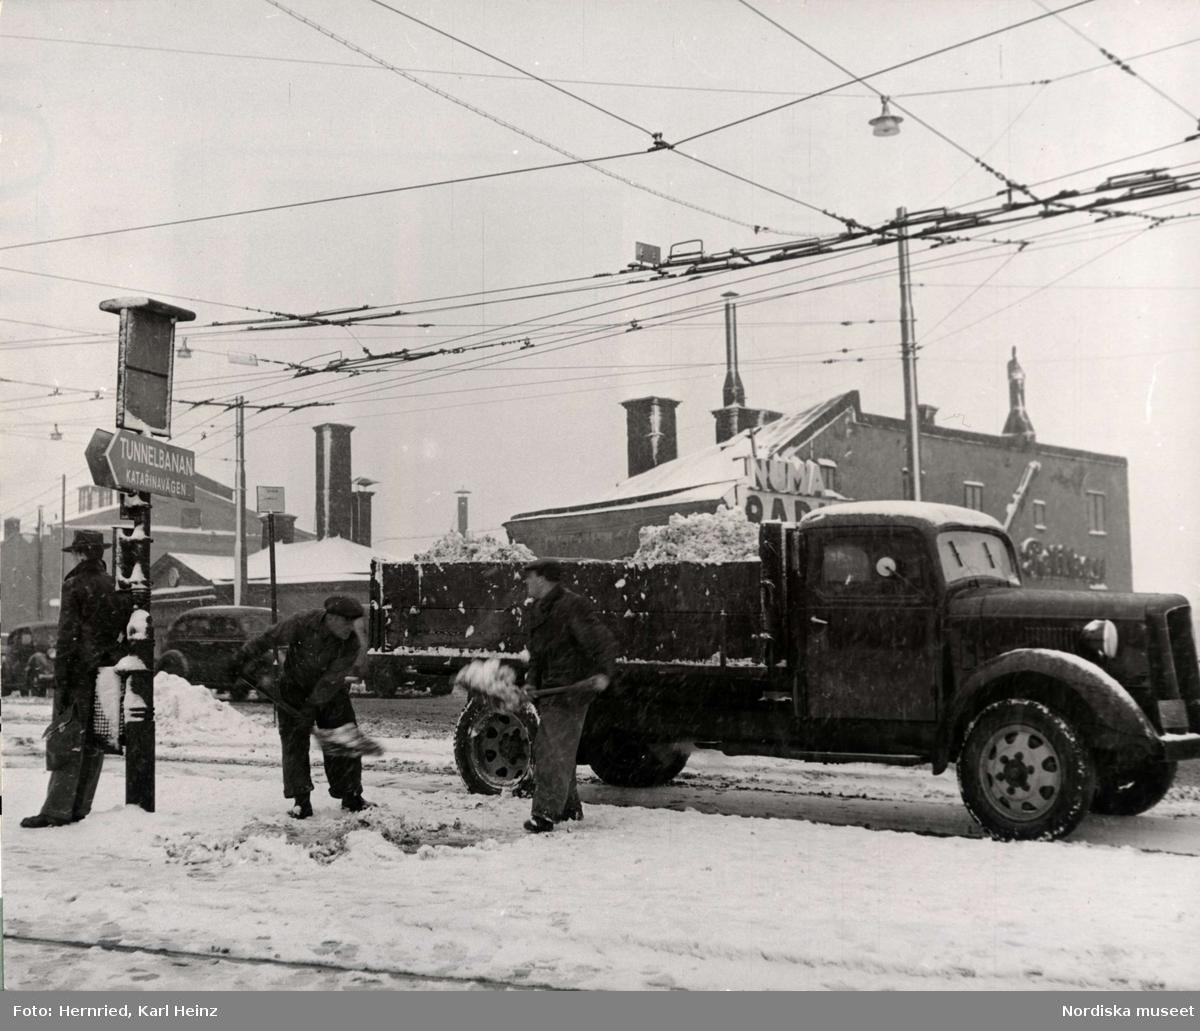 Gaturenhållning. Snöröjningsarbete med skovlar och lastbil på Södermalm i Stockholm